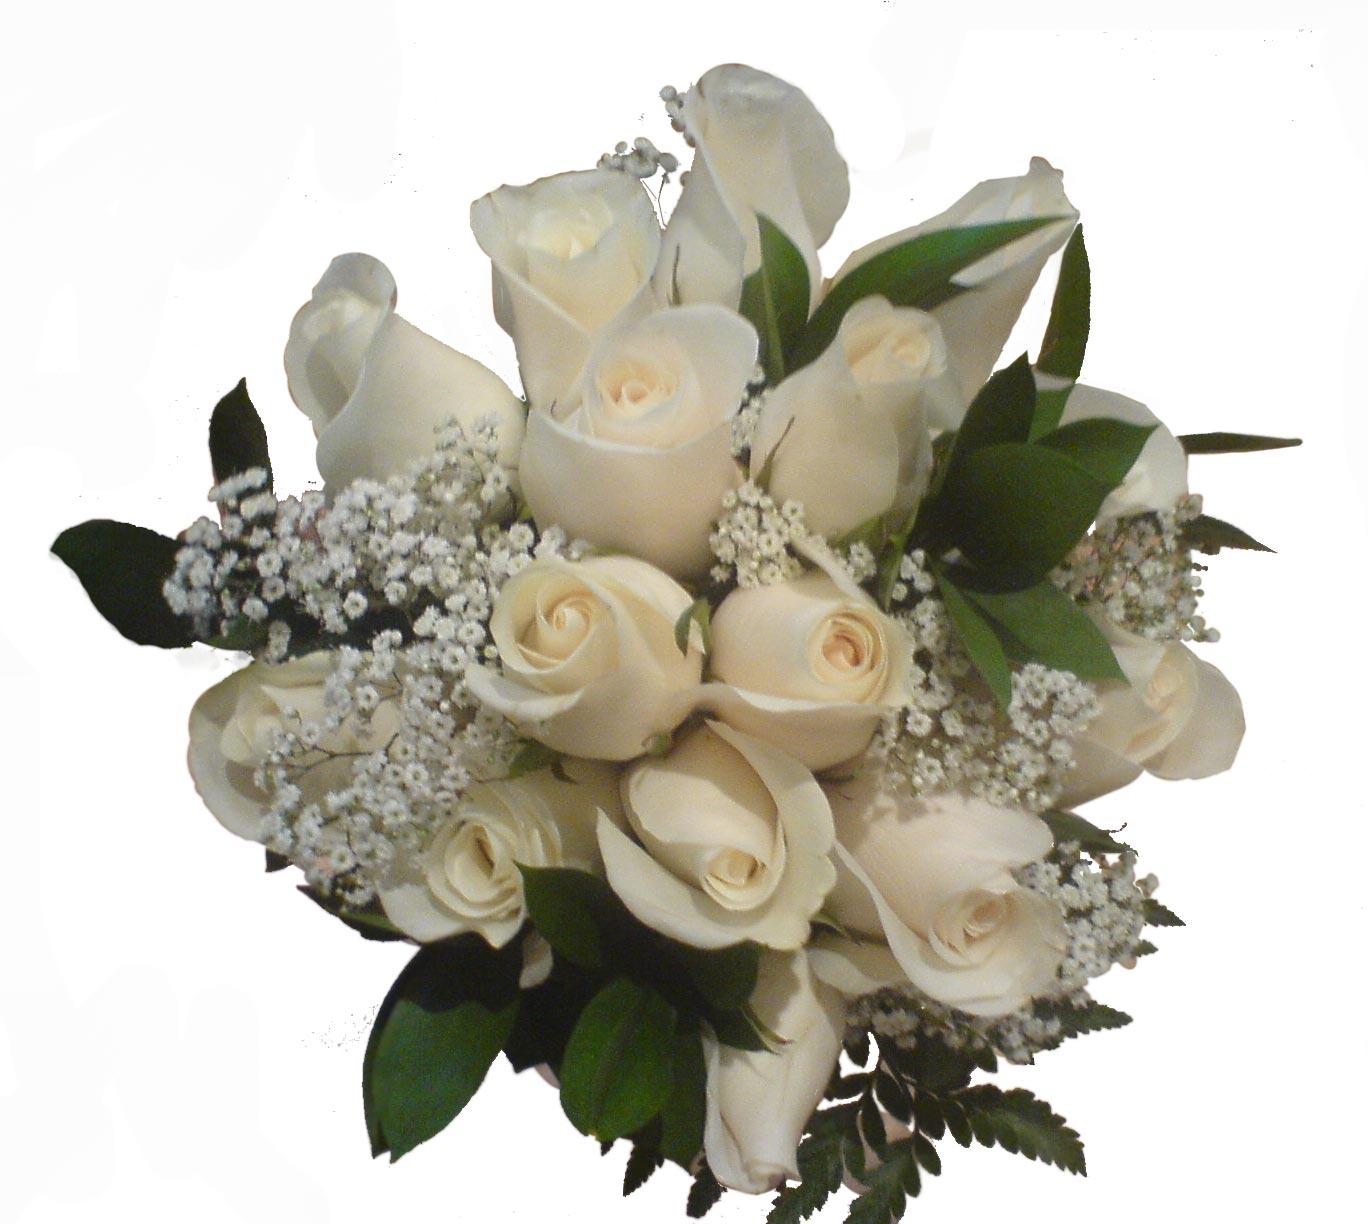 Imagenes De Ramos De Rosas Blancas - Rosas blancas ramo Descargar Fotos gratis Freepik